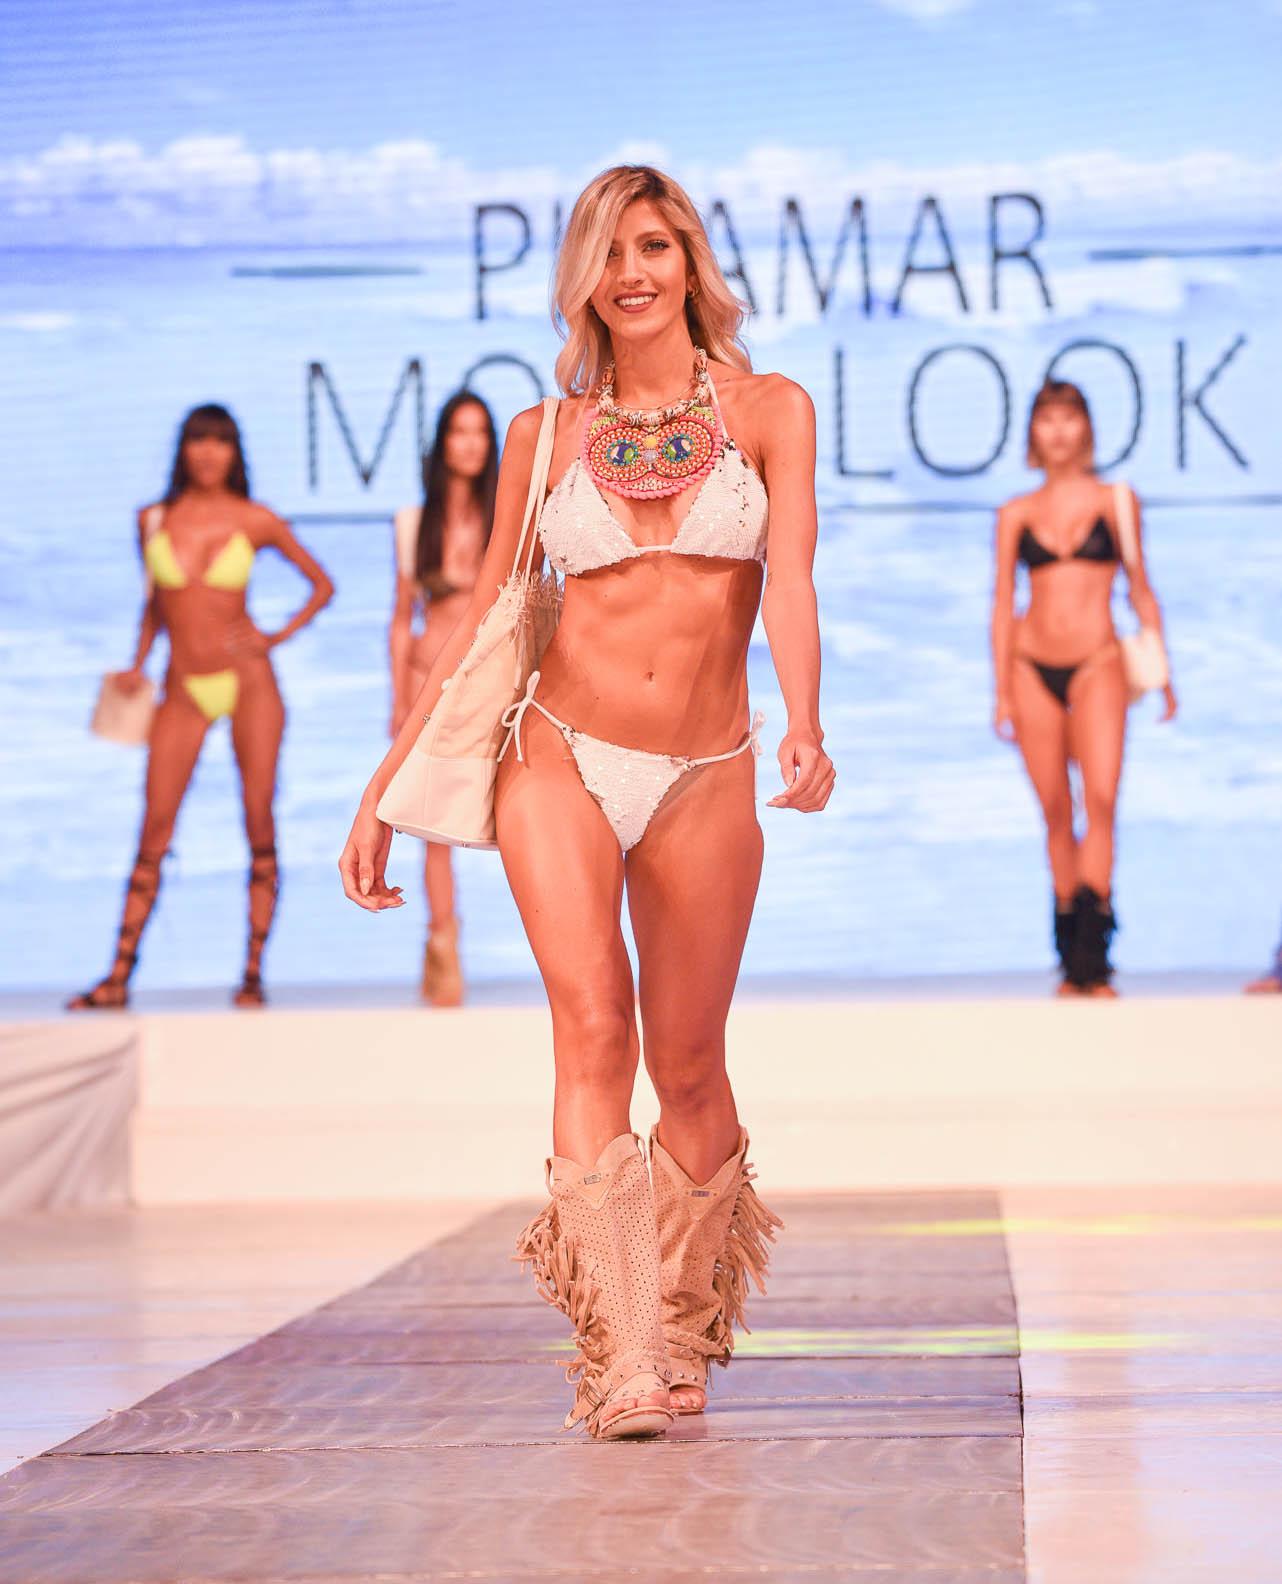 Los bikinis fueron una de las prendas que más despertó interés en los diseñadores